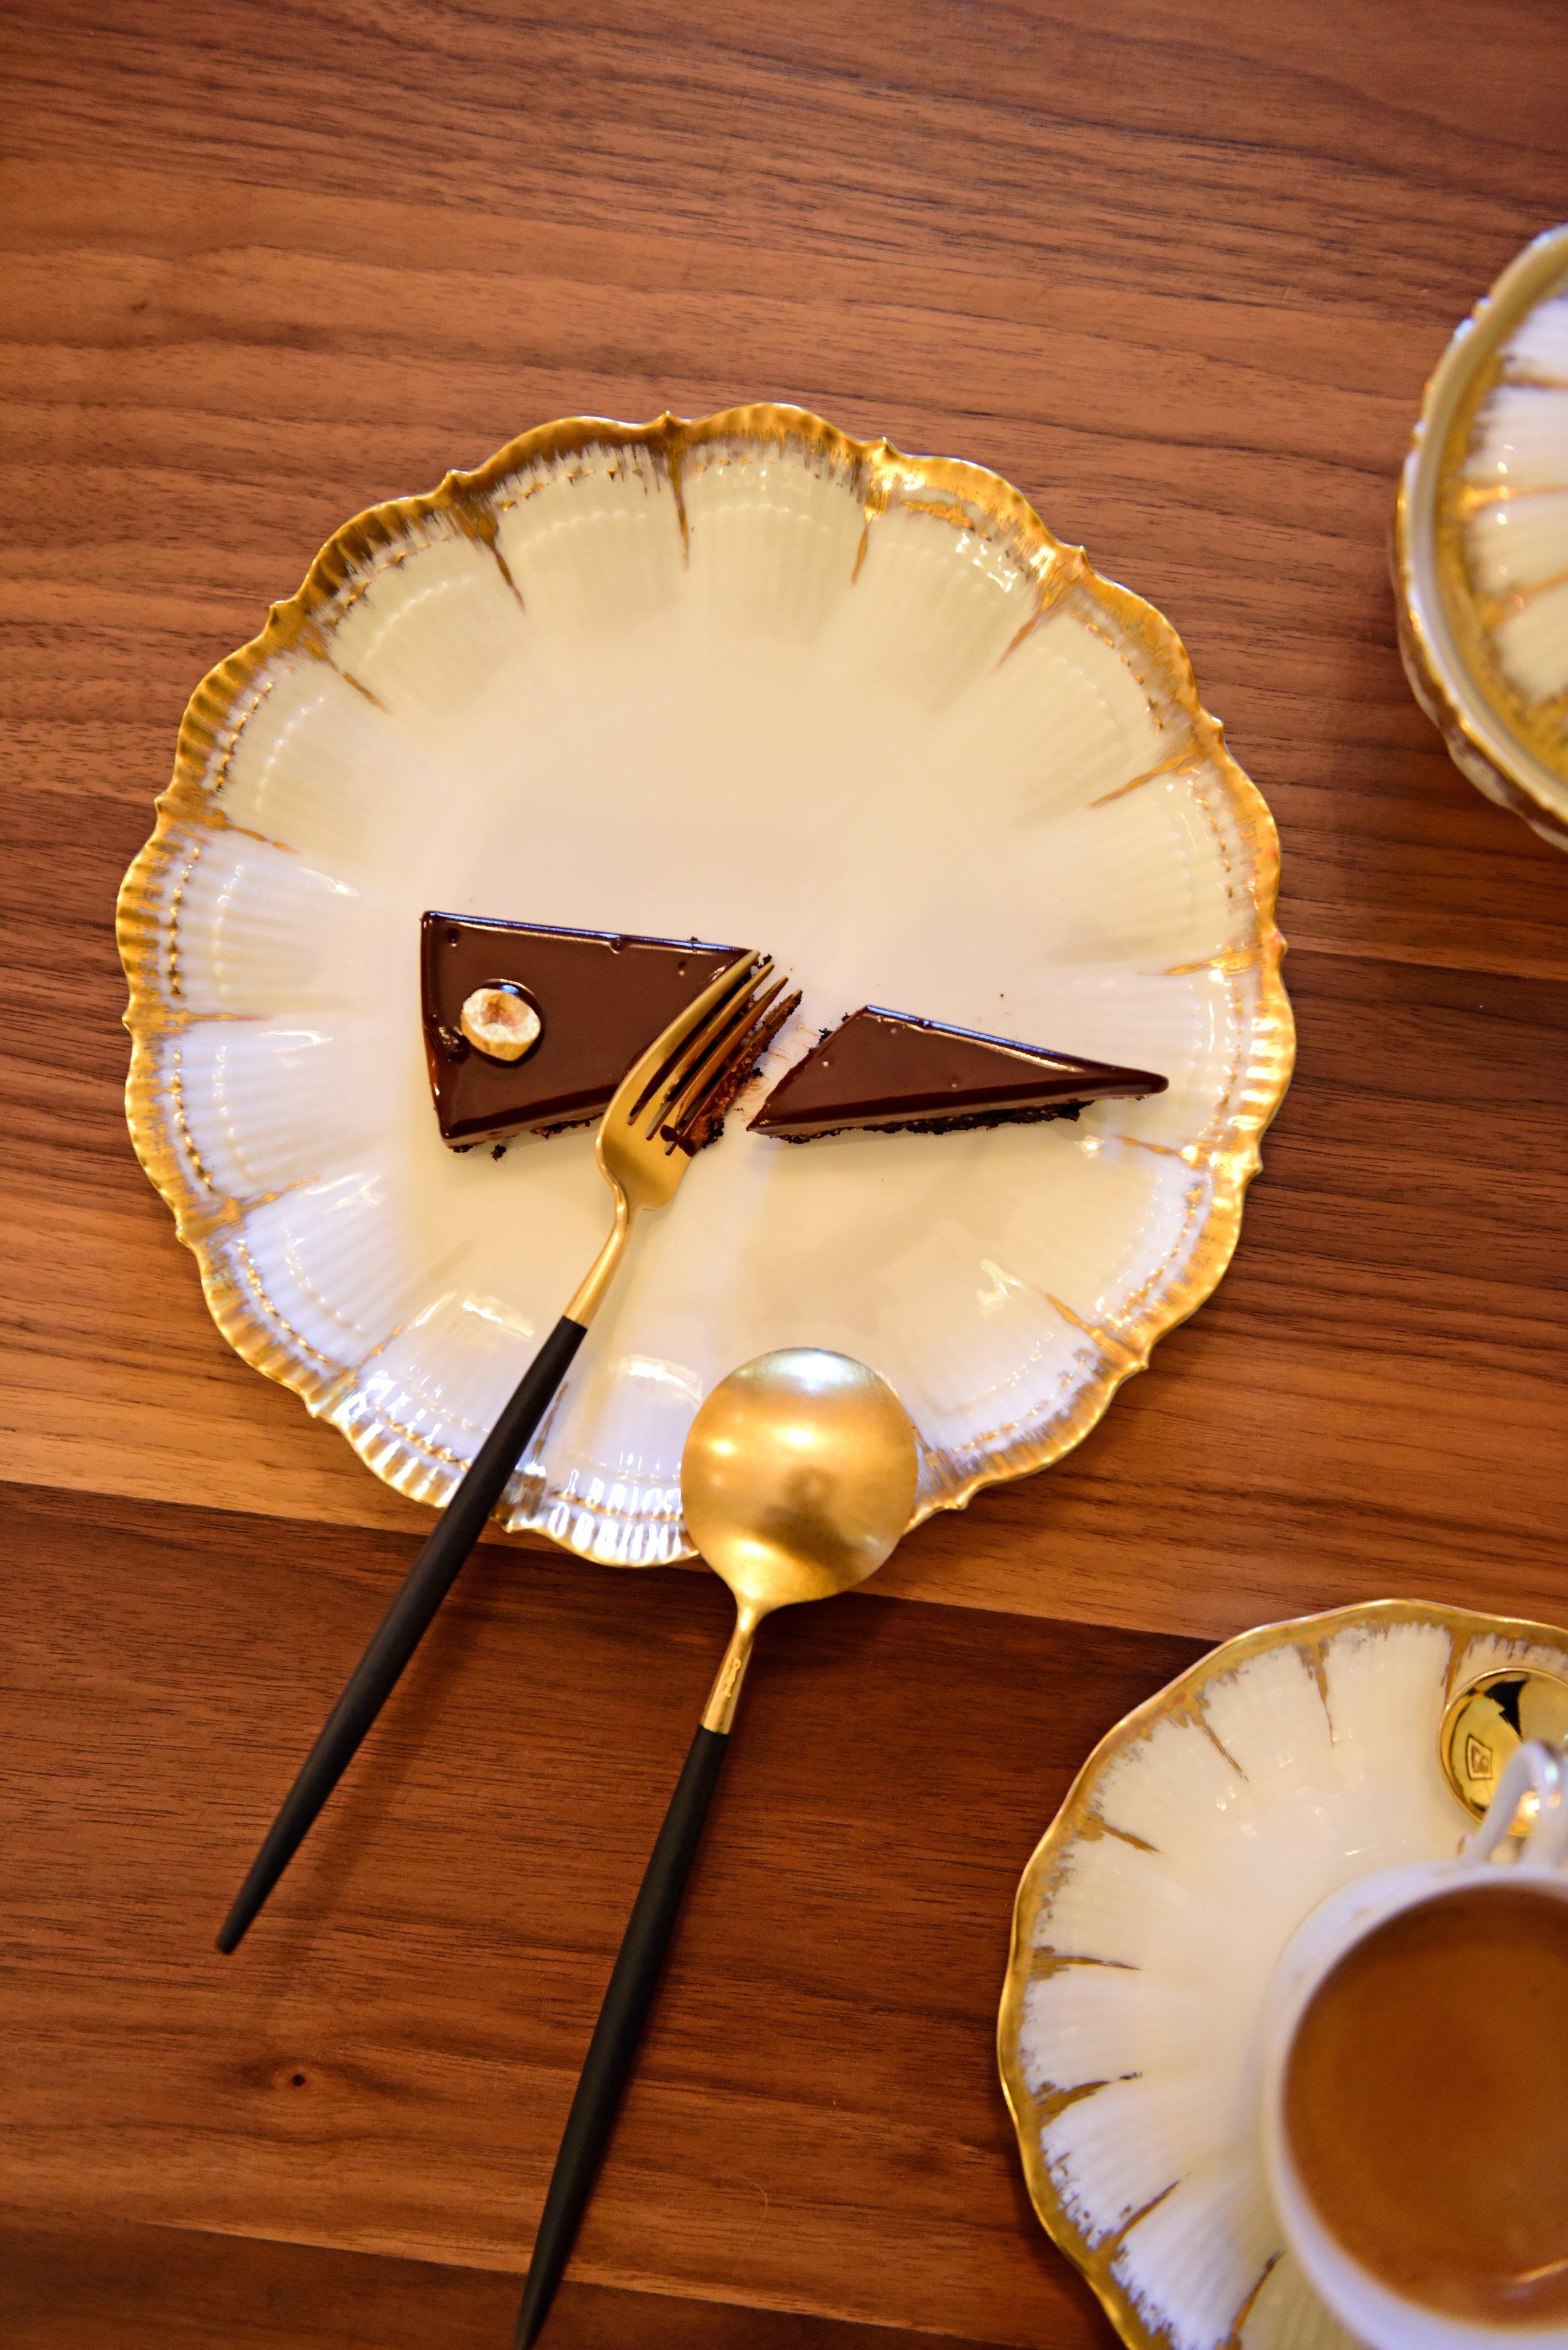 20 dome antwerpen bart albrecht tablefever culinair foodfotograaf.jpg